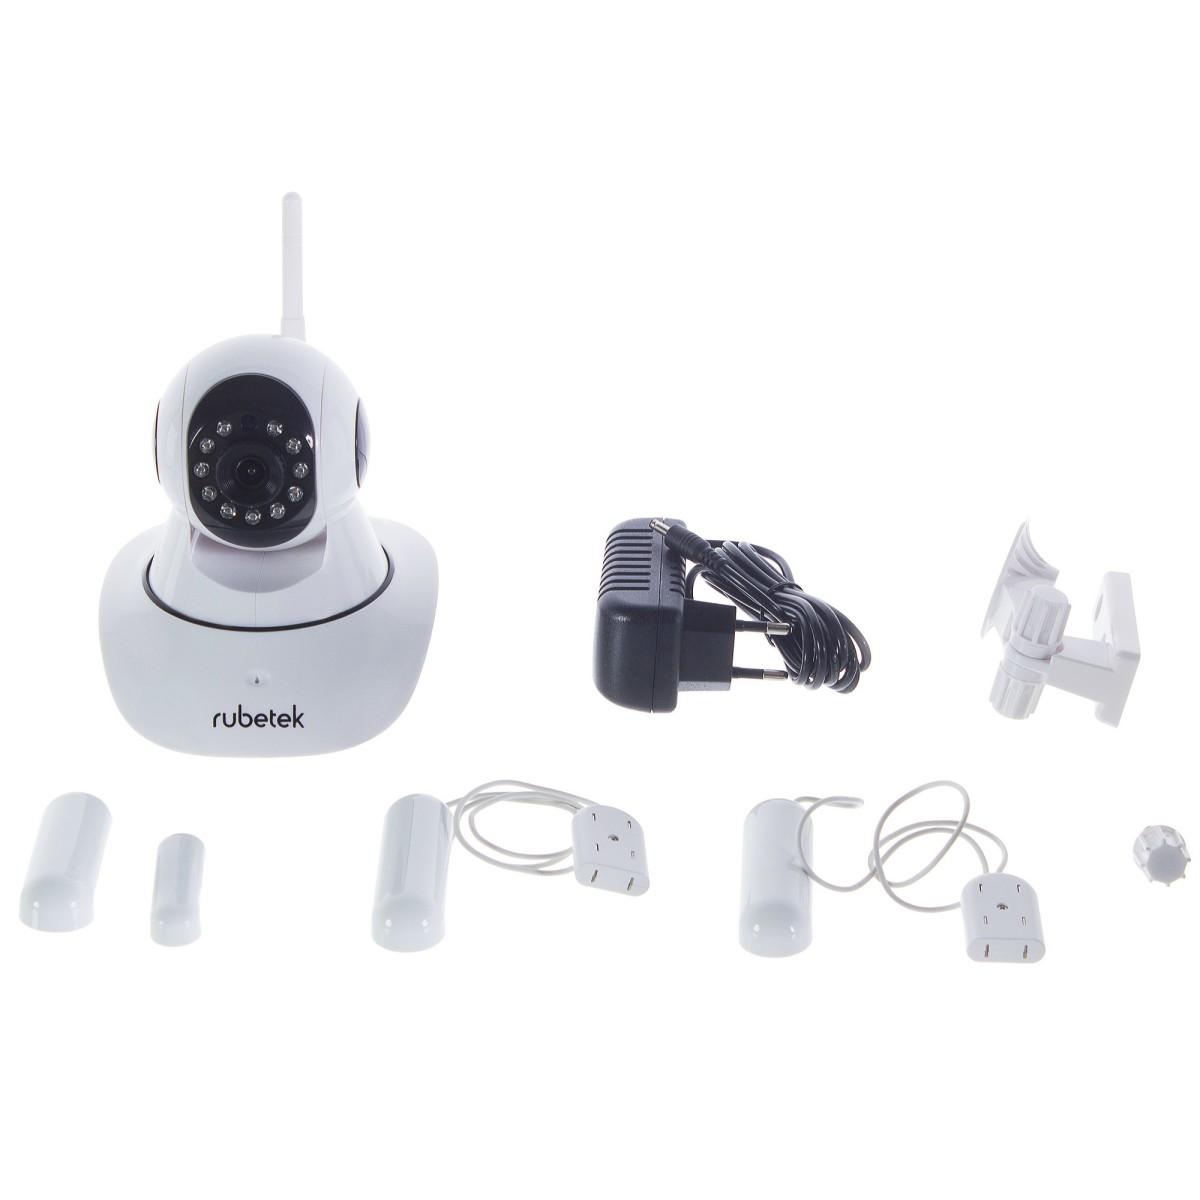 Комплект Rubetek Видеоконтроль и безопасность